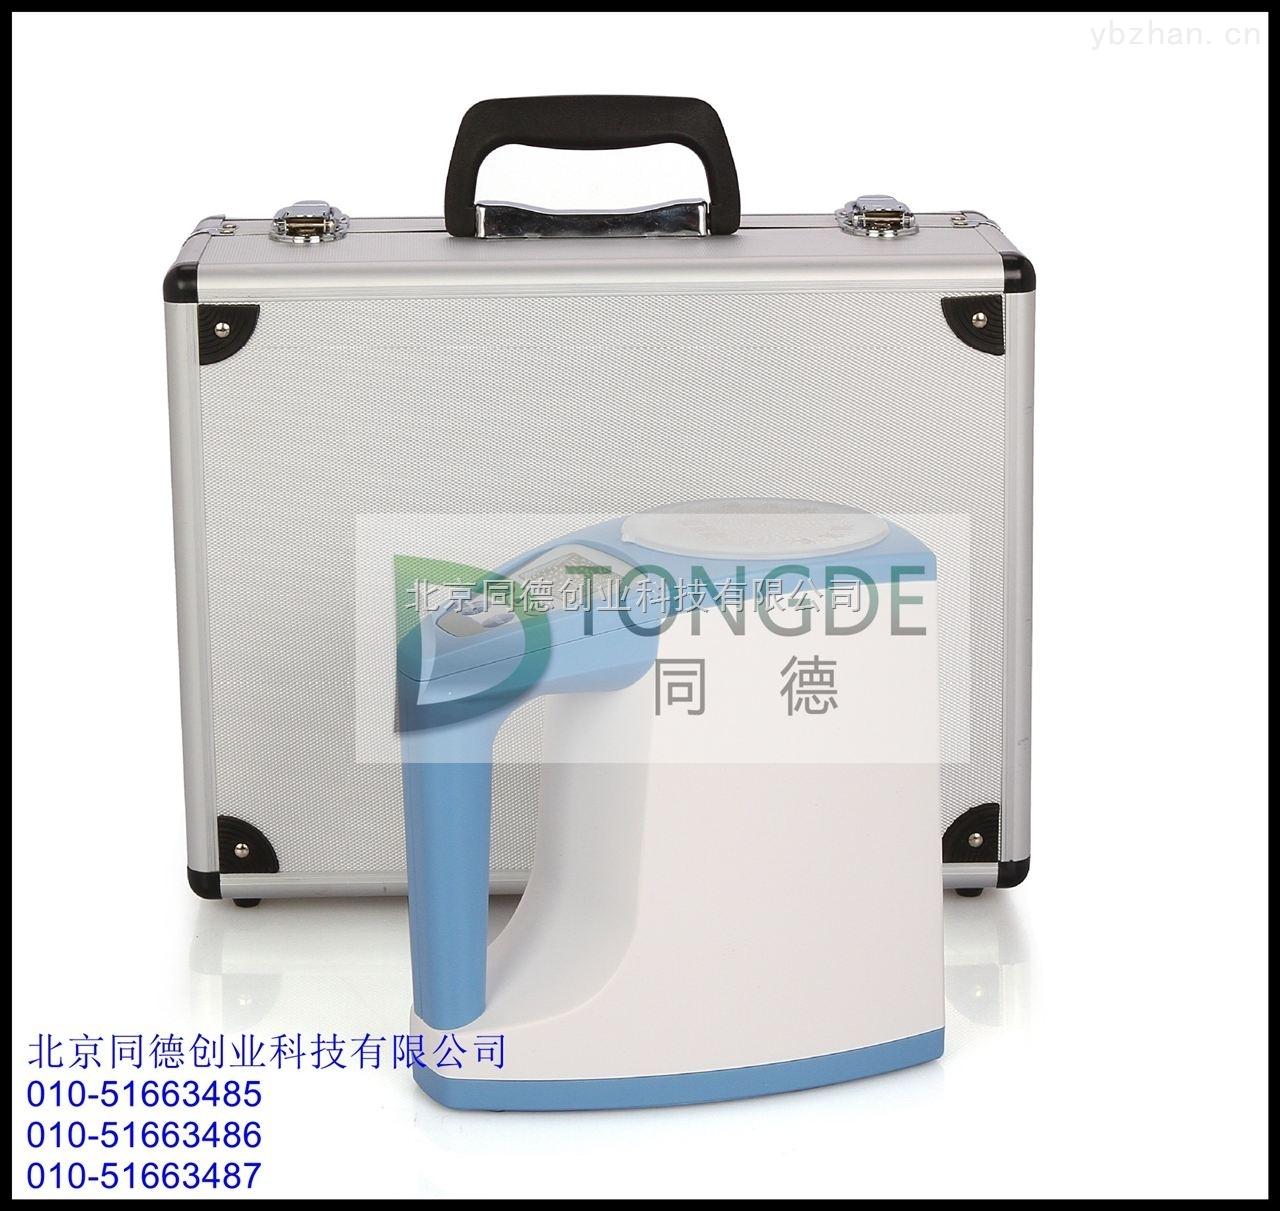 LDS-1G 容重法玉米水分测定仪 电脑式水分仪